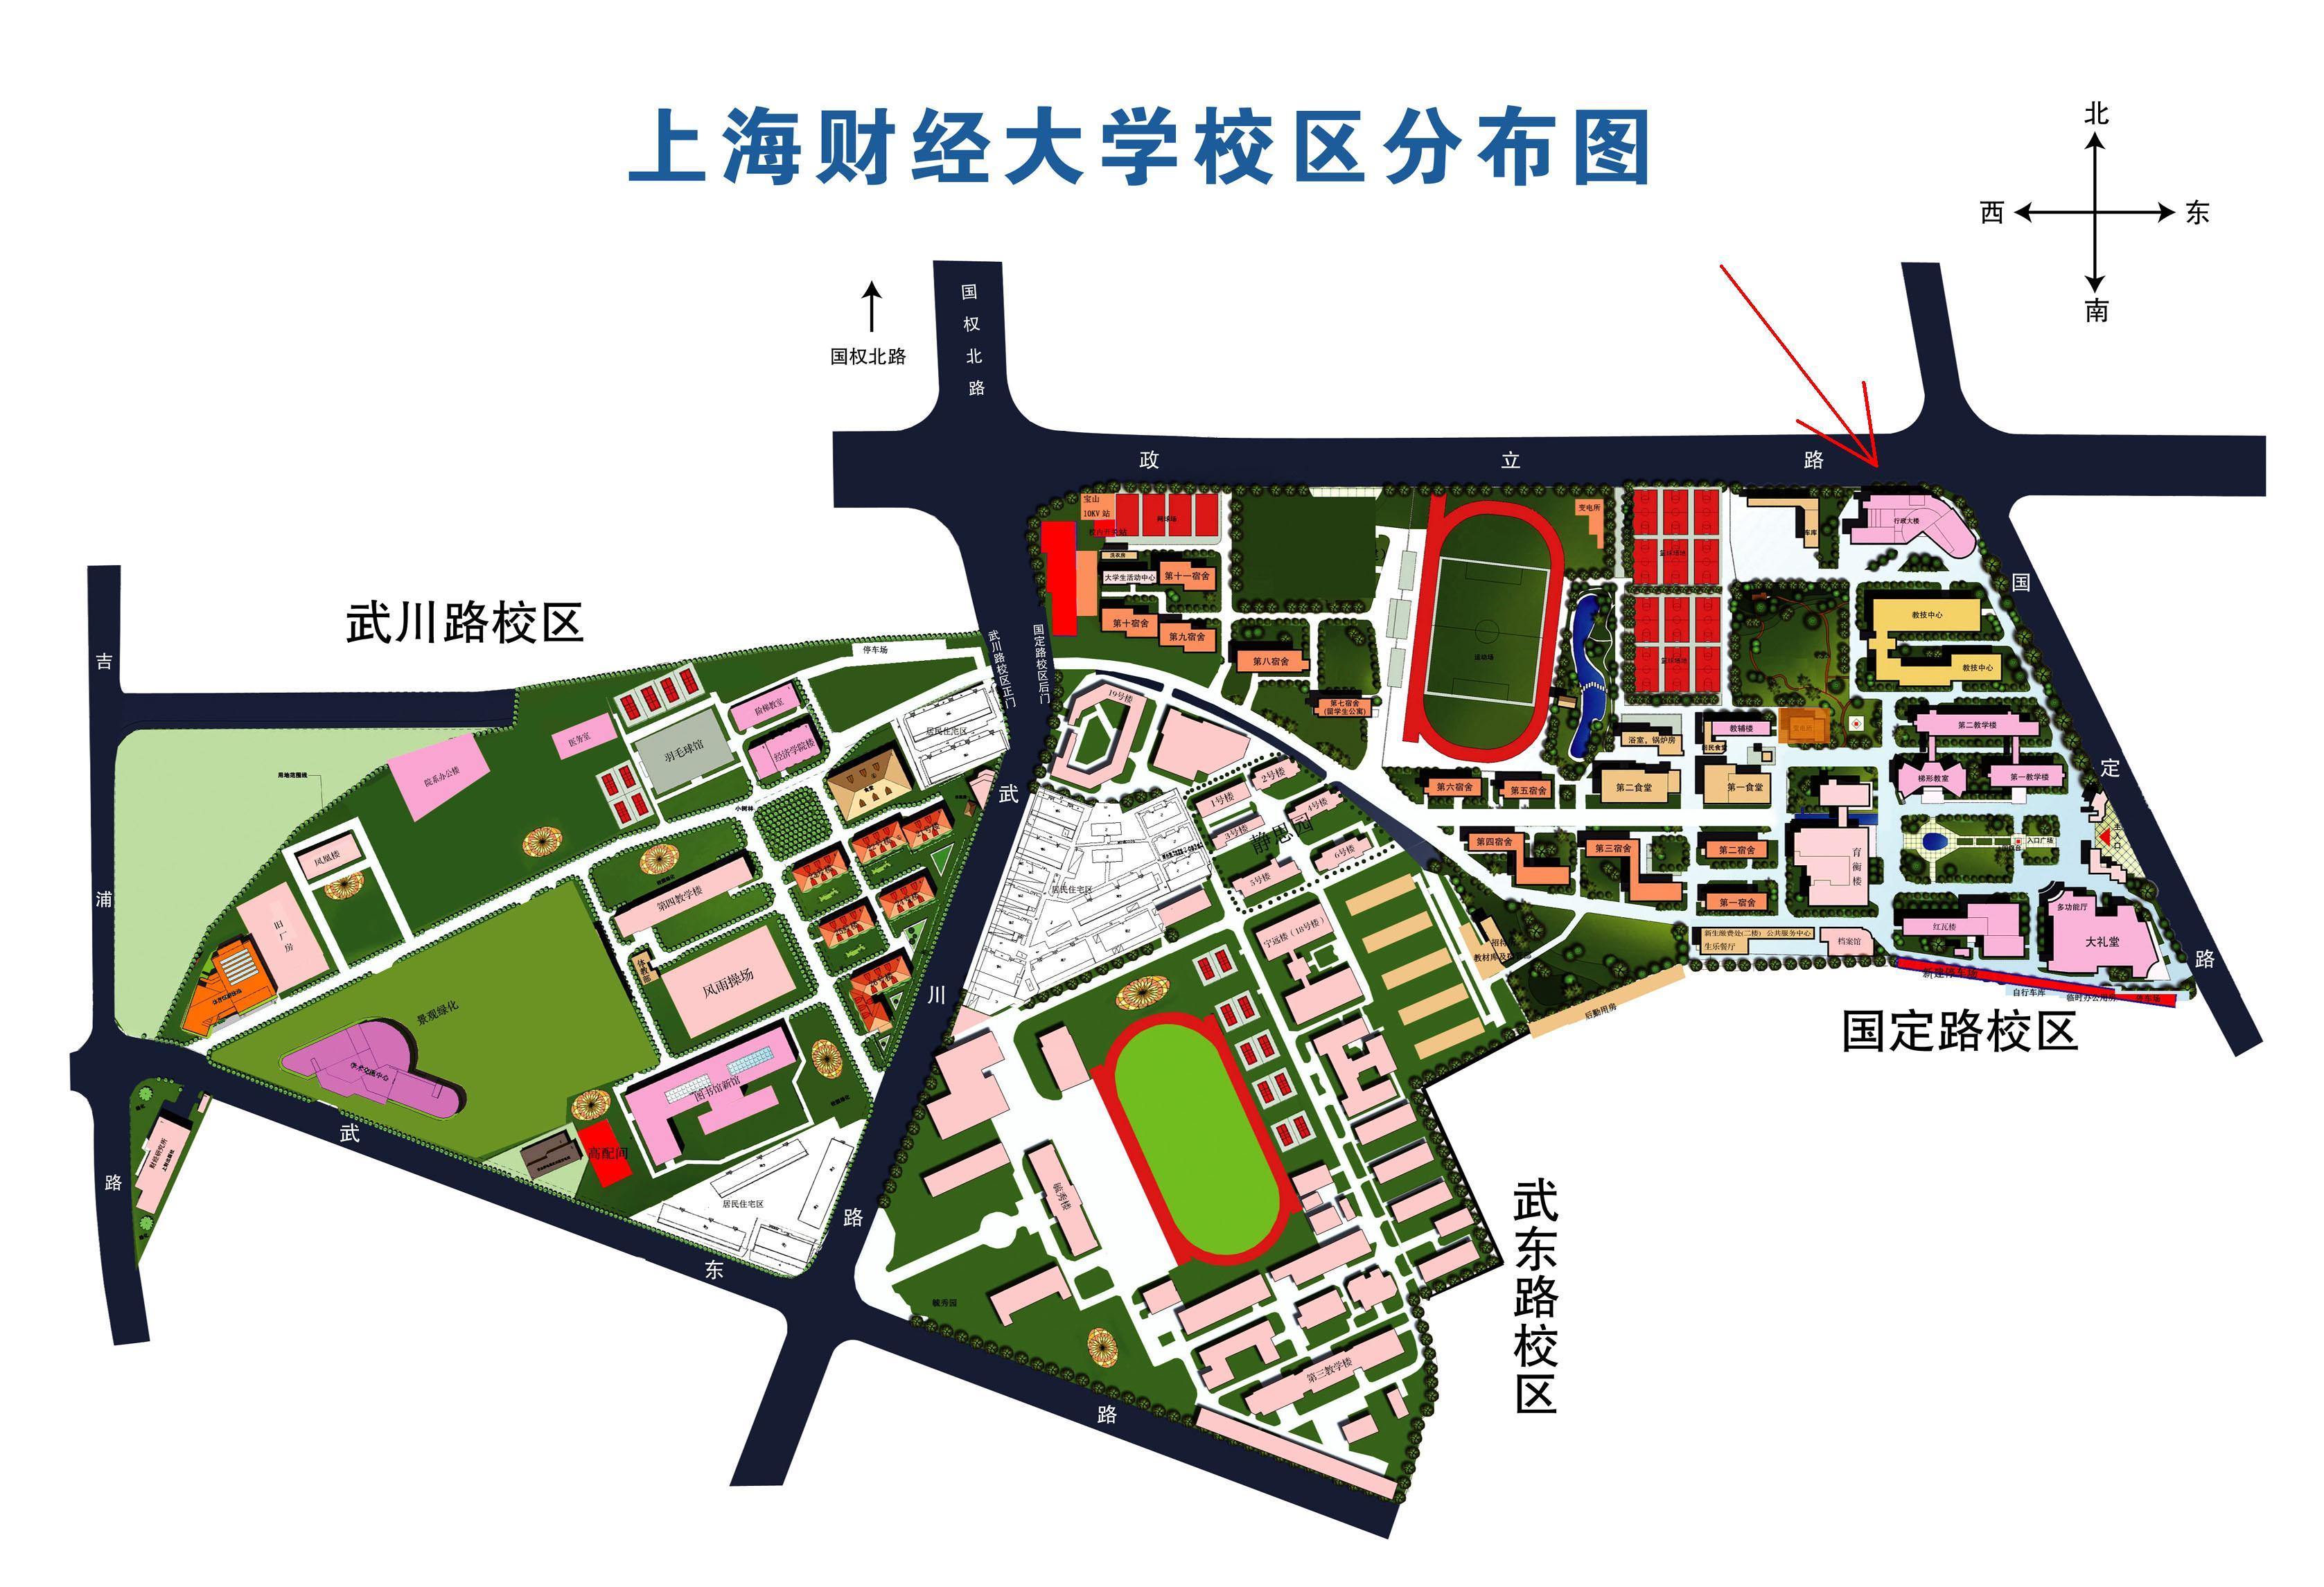 上海财经大学地图